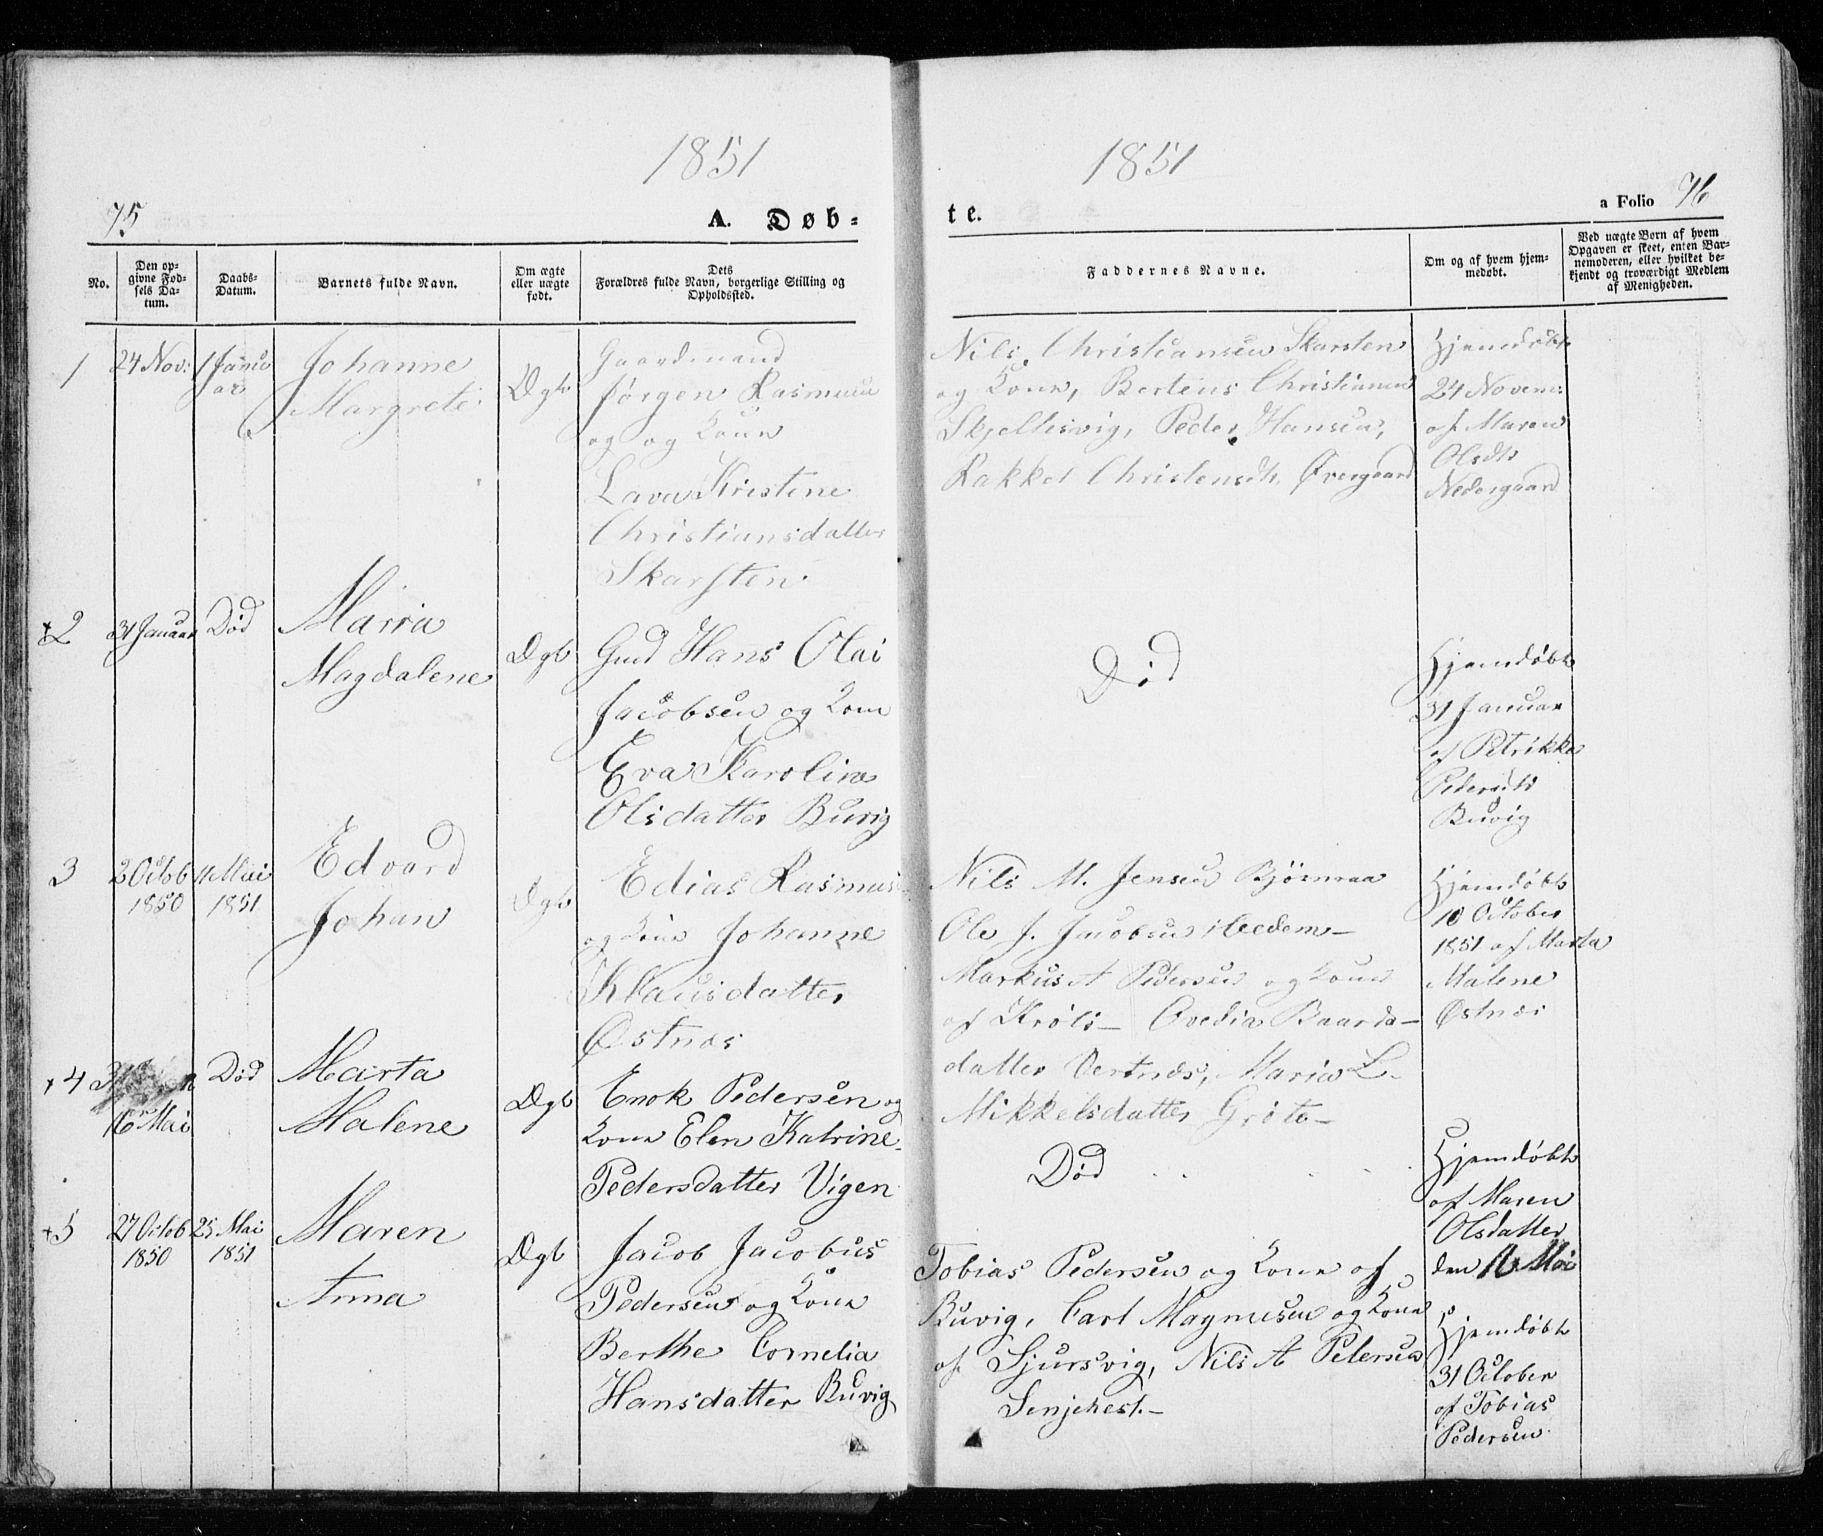 SATØ, Trondenes sokneprestkontor, H/Ha/L0010kirke: Ministerialbok nr. 10, 1840-1865, s. 75-76